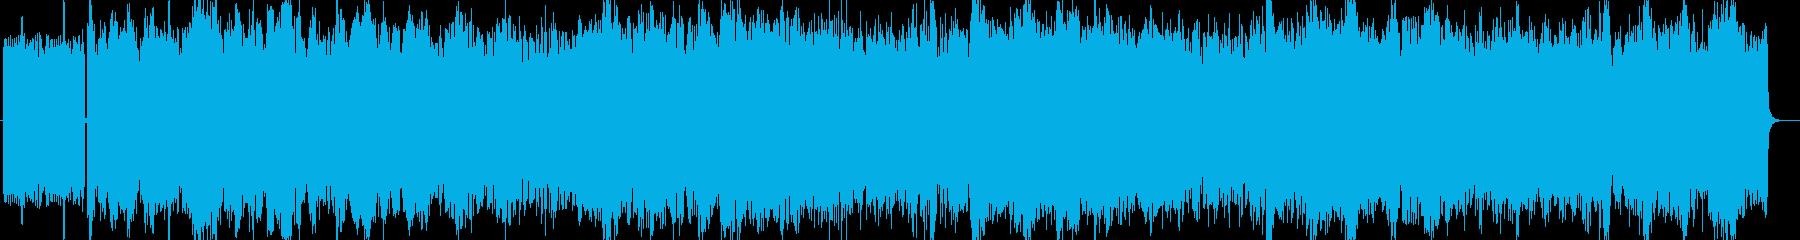 激しく勢いのあるシンセ系テクノの再生済みの波形